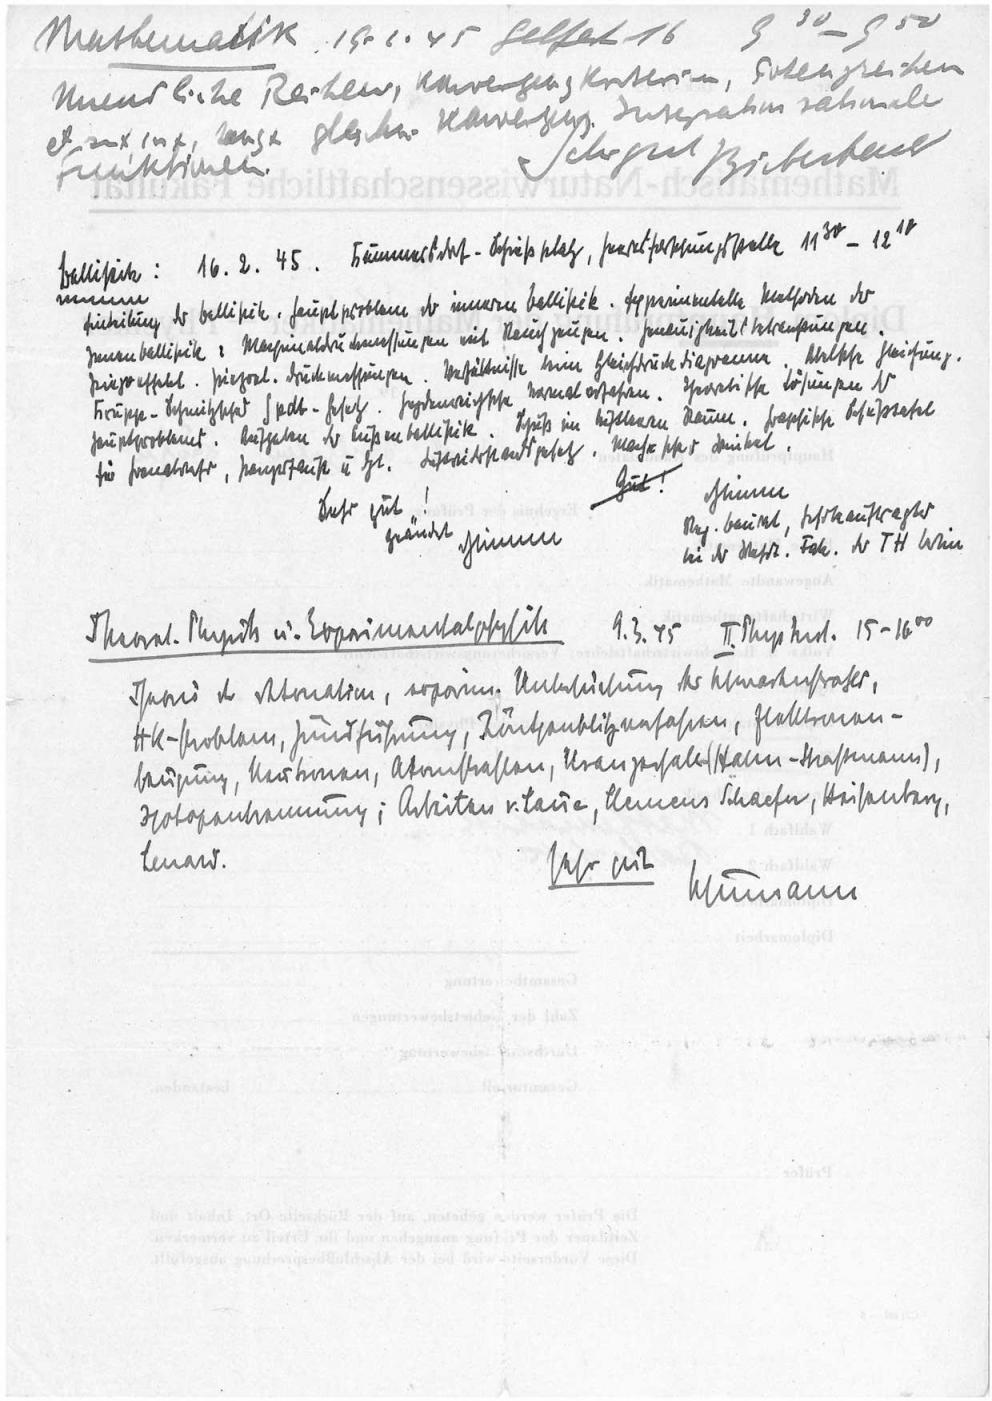 KWK-Diplom-Hauptpruefung-muendlich-2.jpg